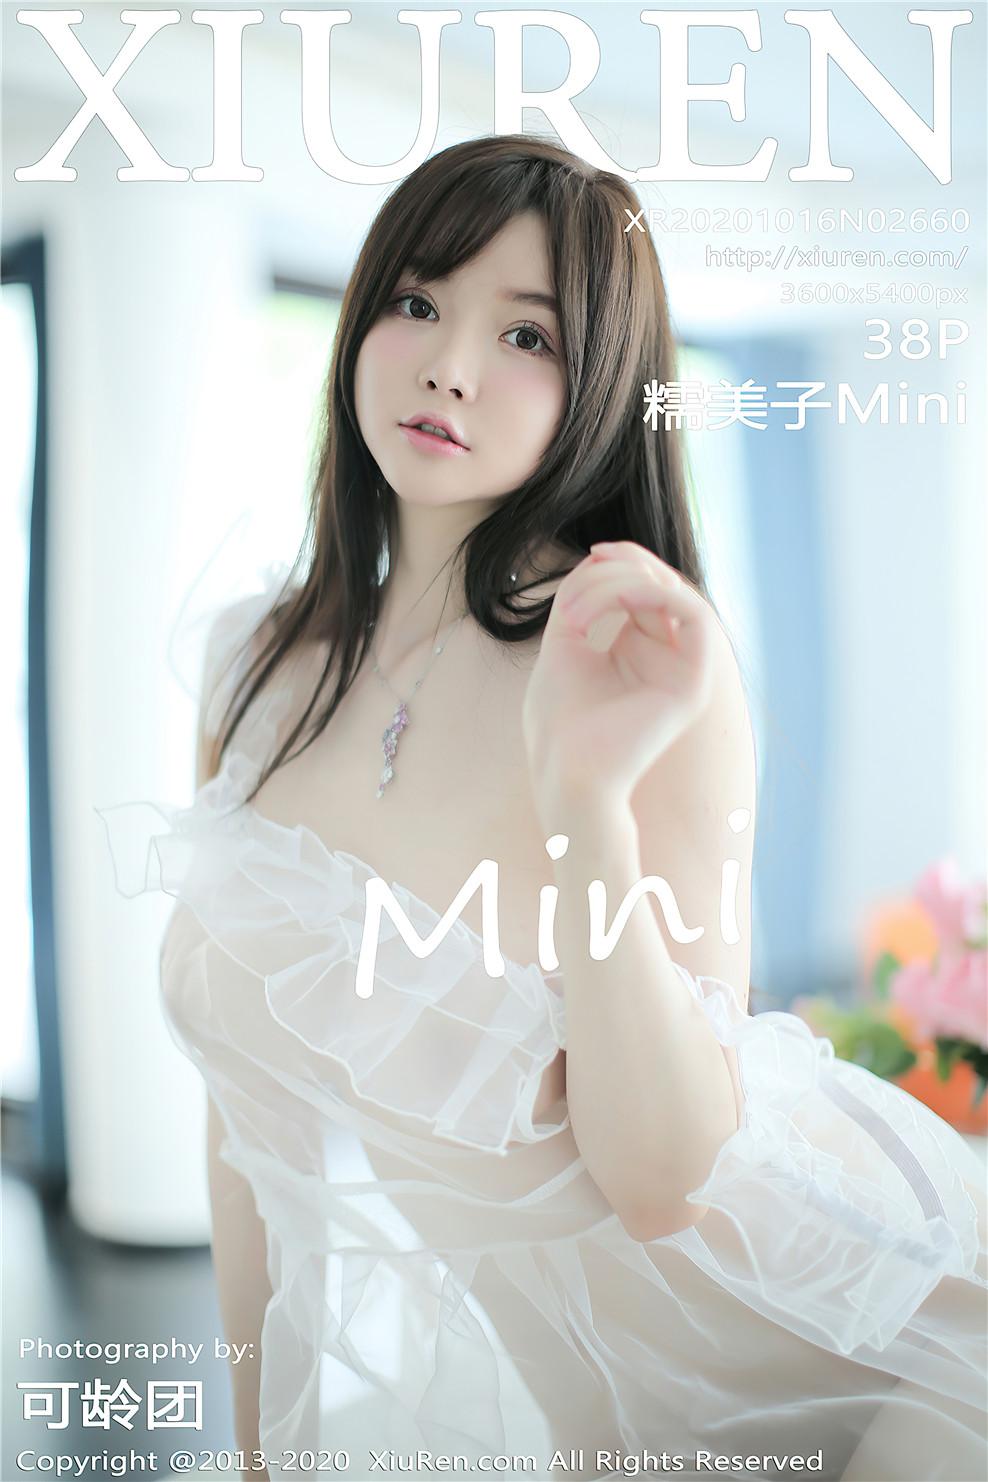 糯美子mini NO.001 2020.10.16 No.2660 [39P306M]